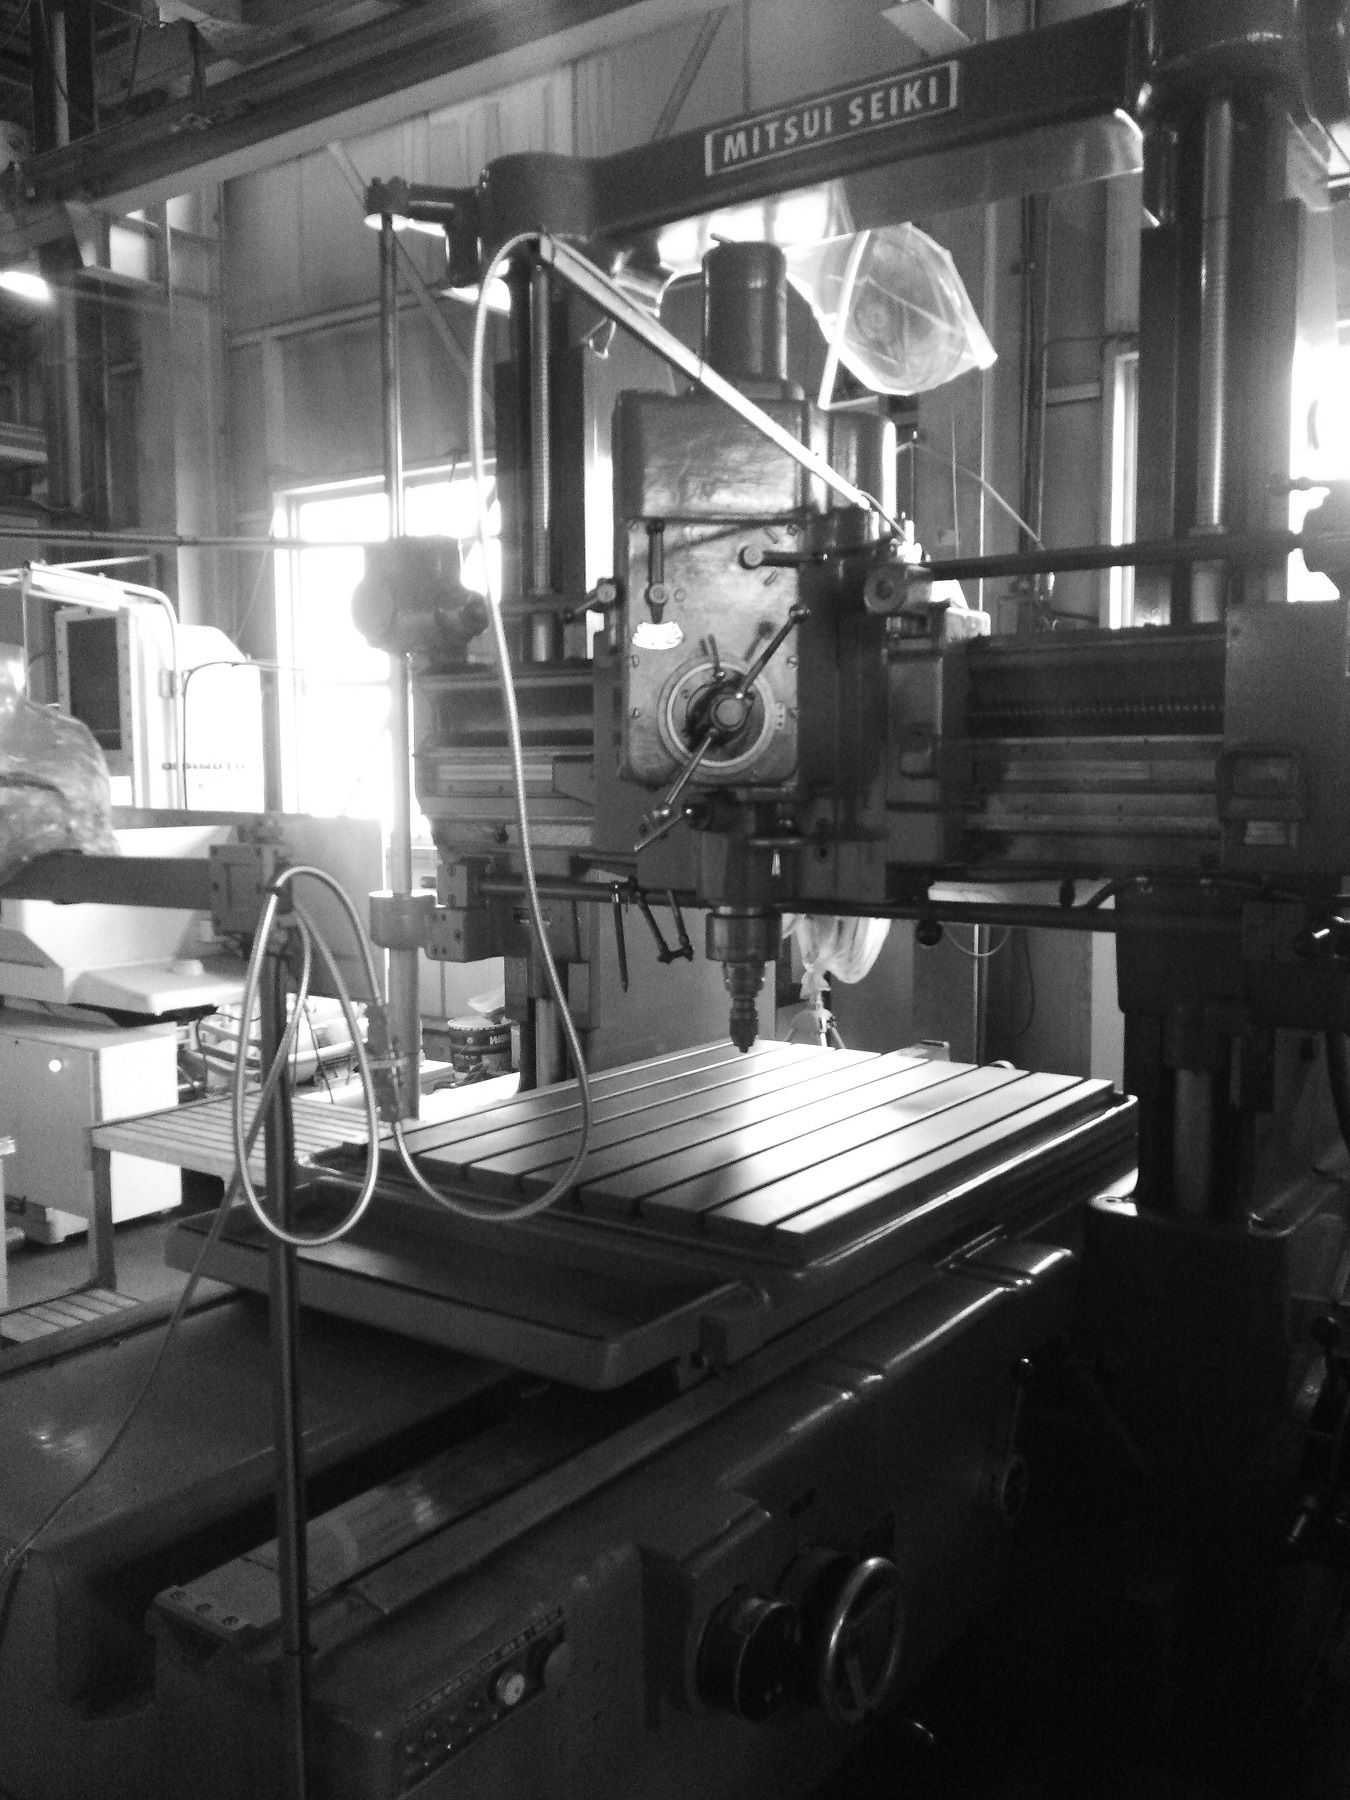 治具ボーラ 三井精機 浜松東区 治具 設計製作 機械加工 専用機 金属切削 加工組立 フライス 旋盤 ワイヤーカット